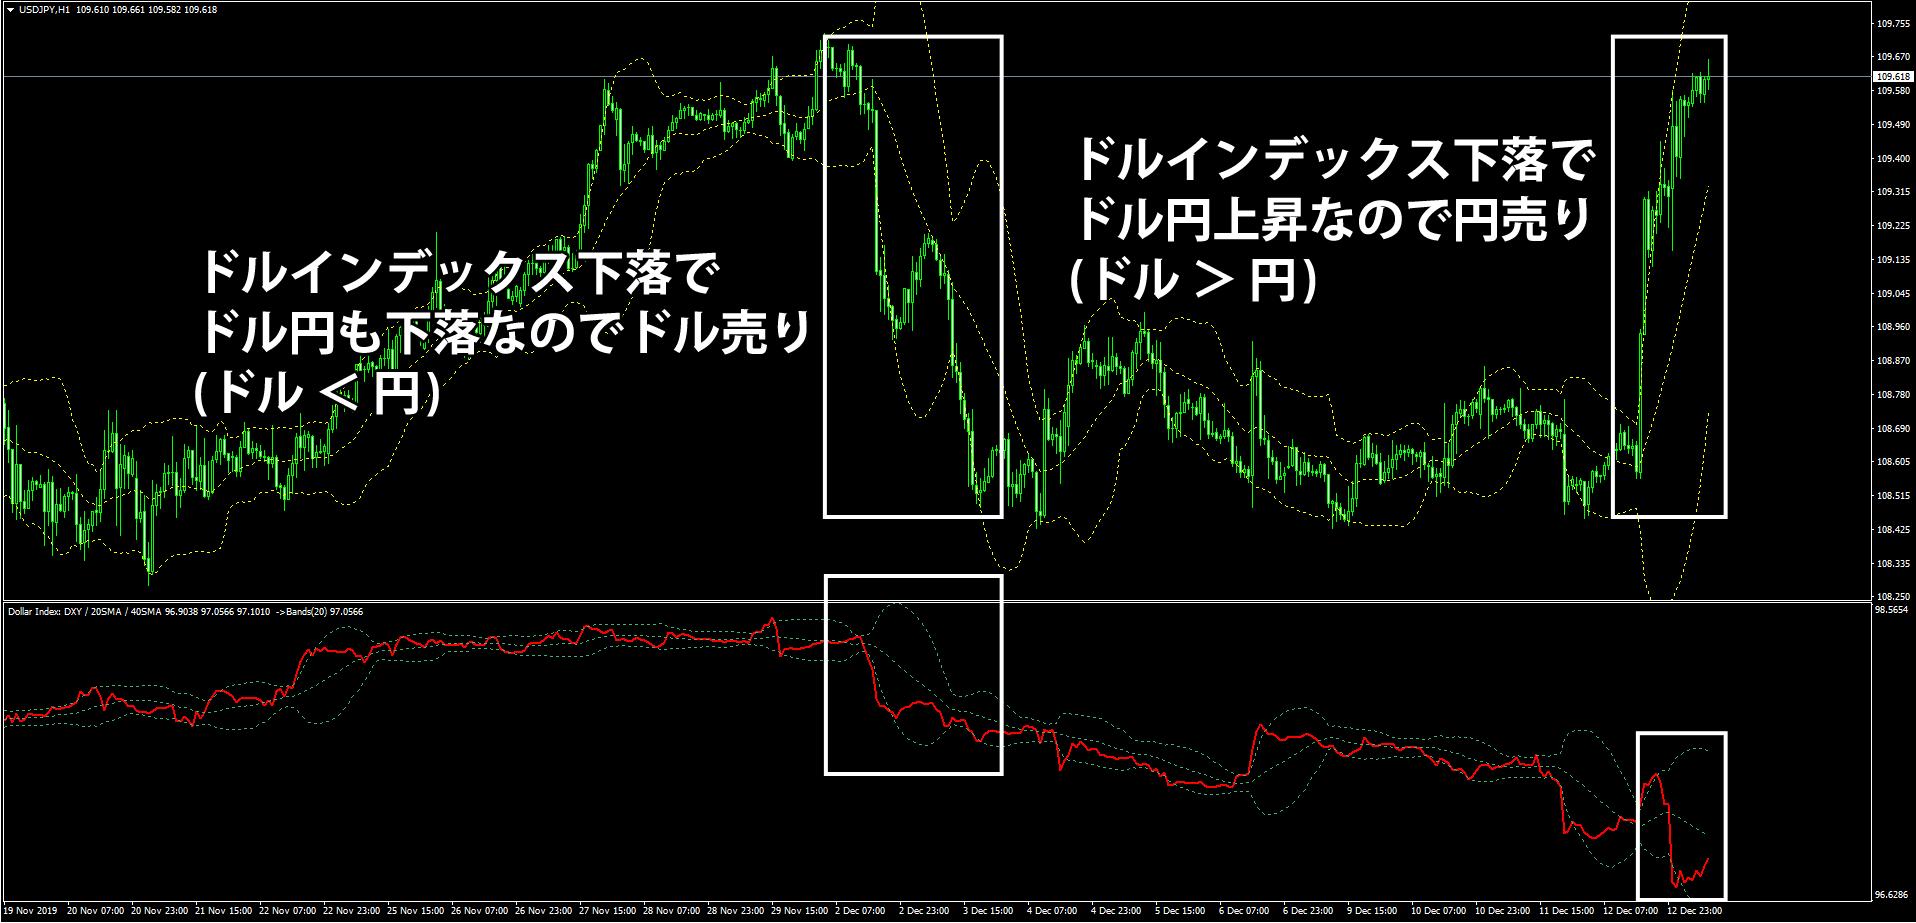 ドルインデックスを表示したドル円のチャート